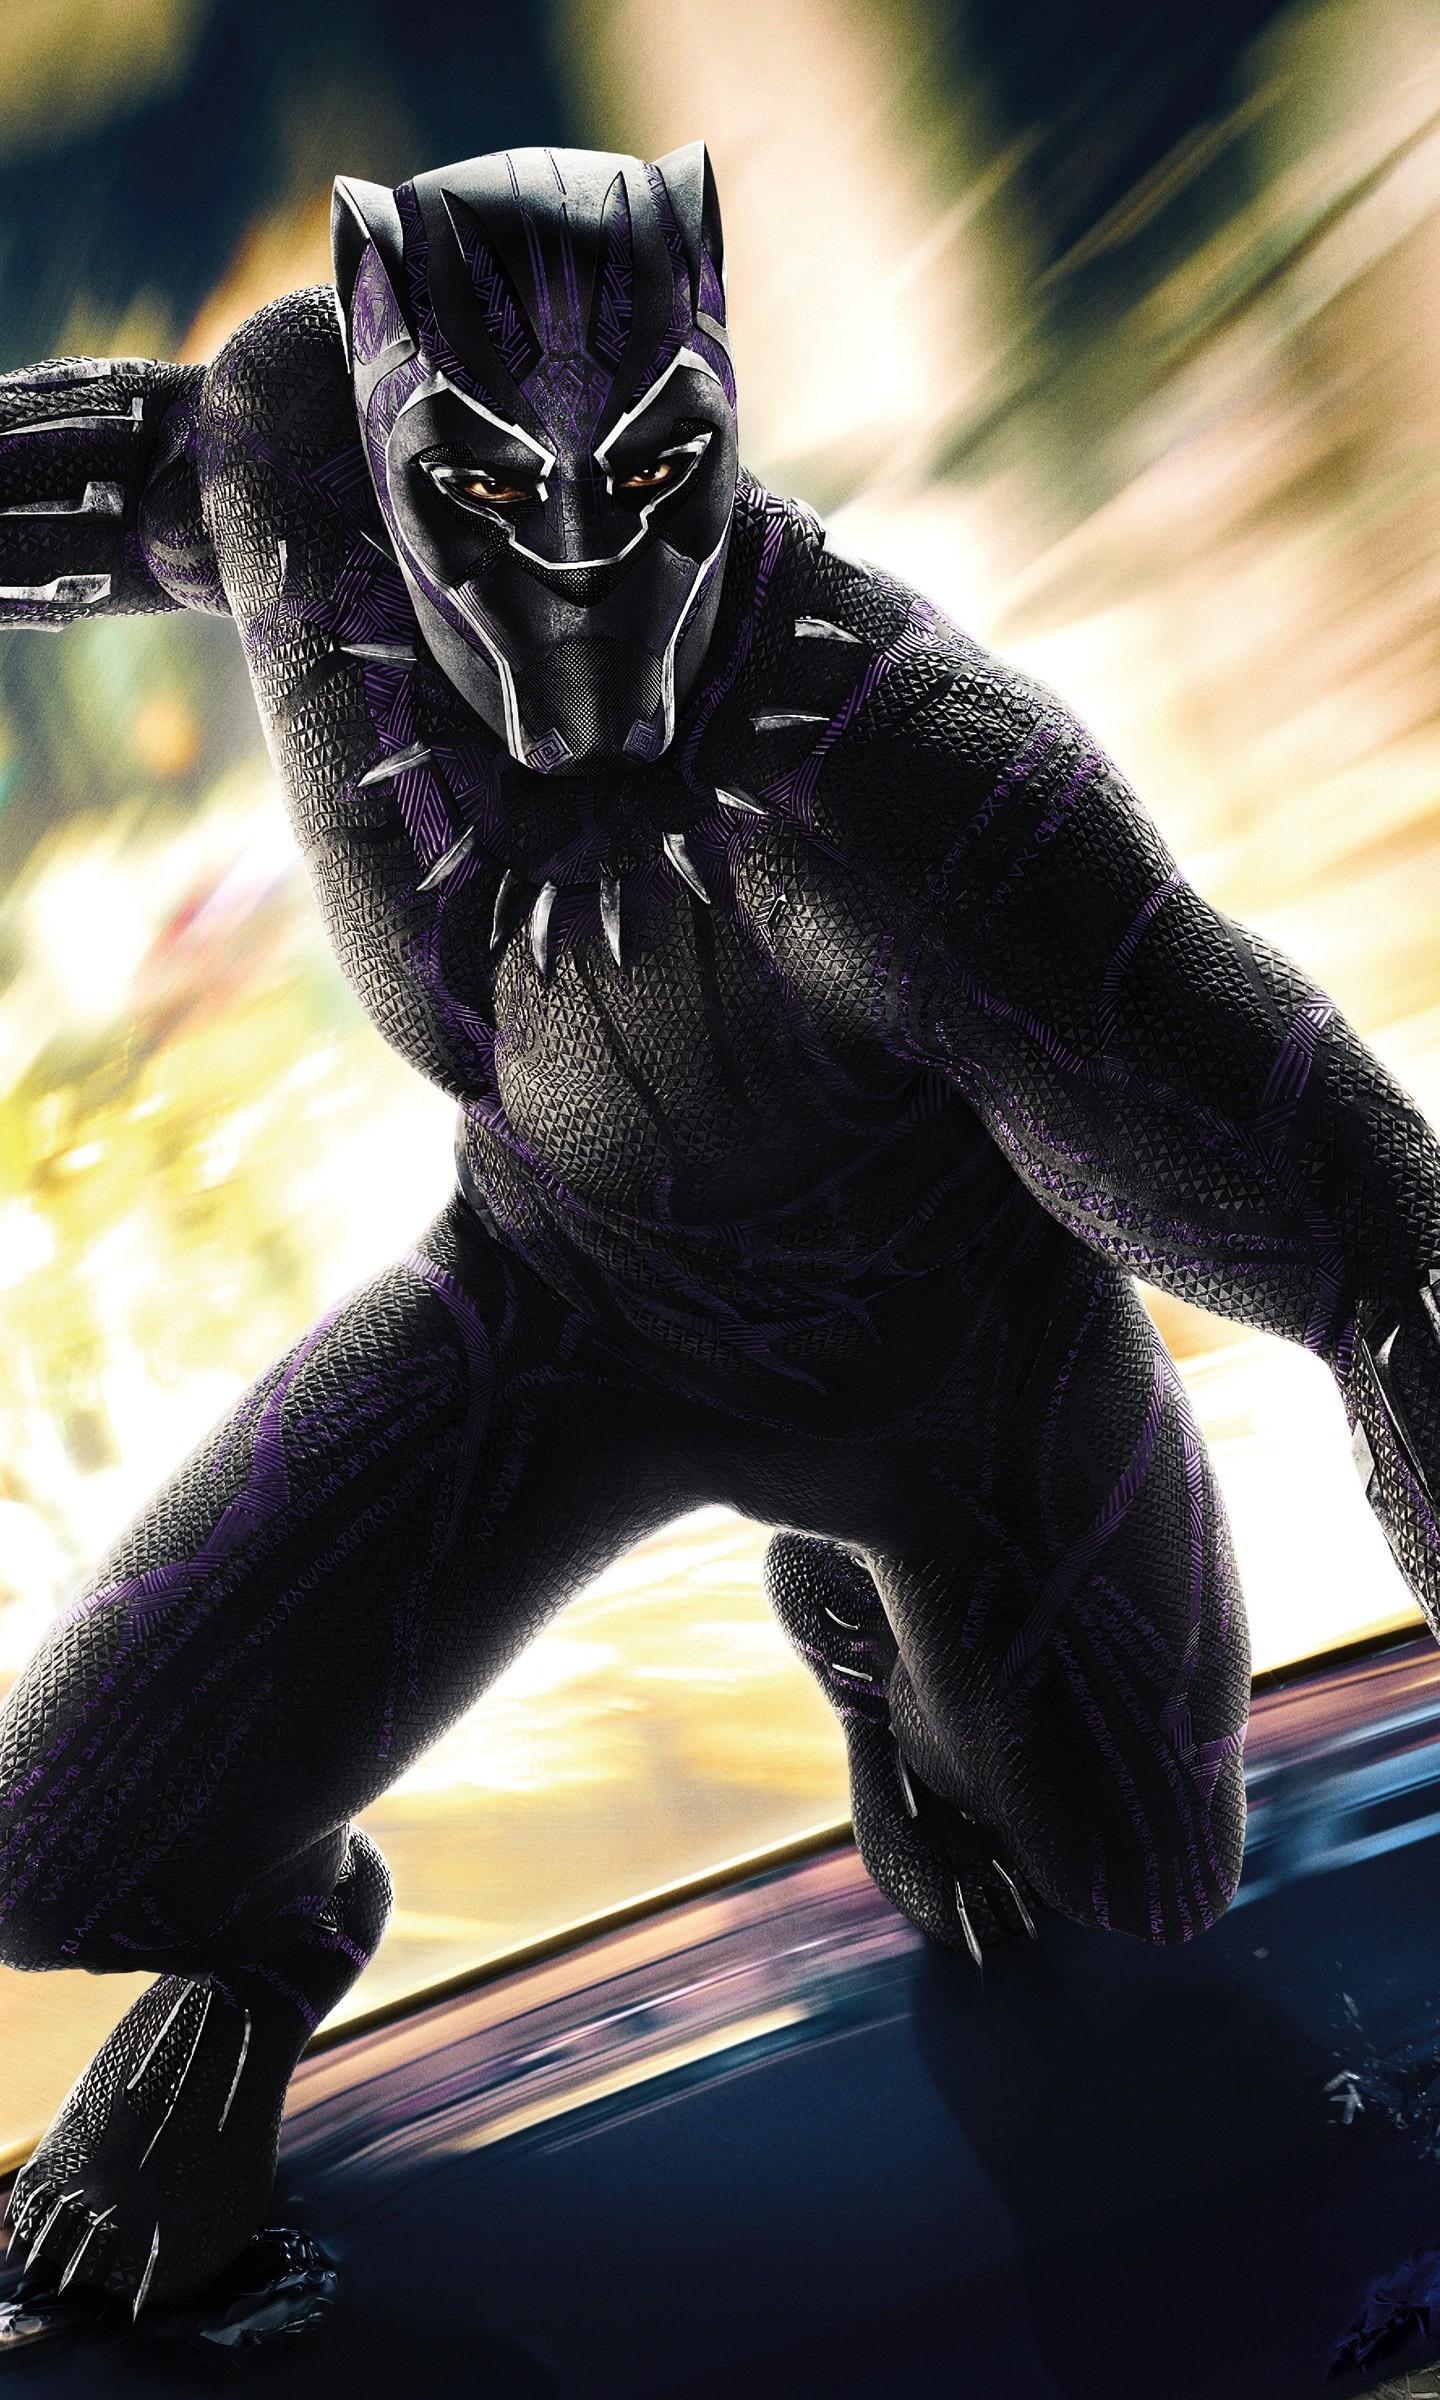 Download 1440x2960 Wallpaper Black Panther 2018 Movie Superhero